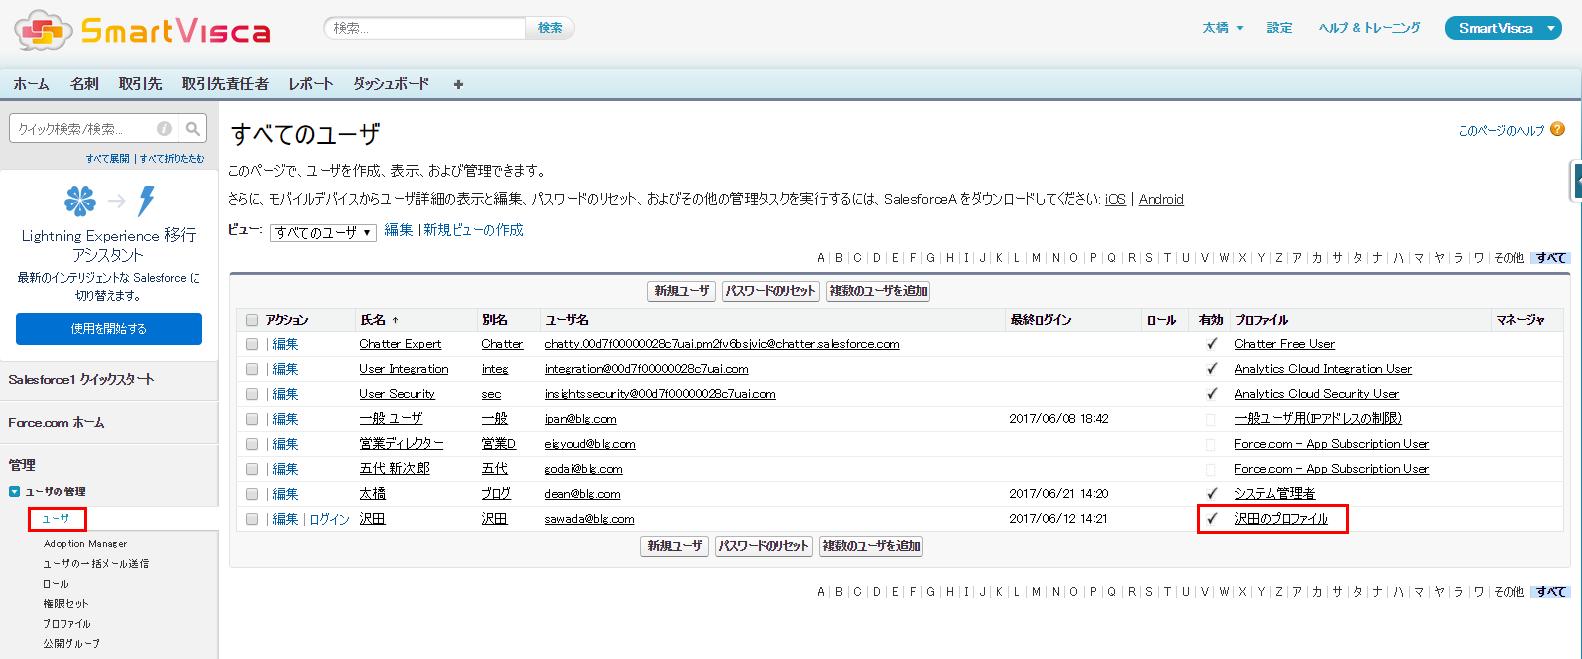 SmartVIscaリードプロファイル